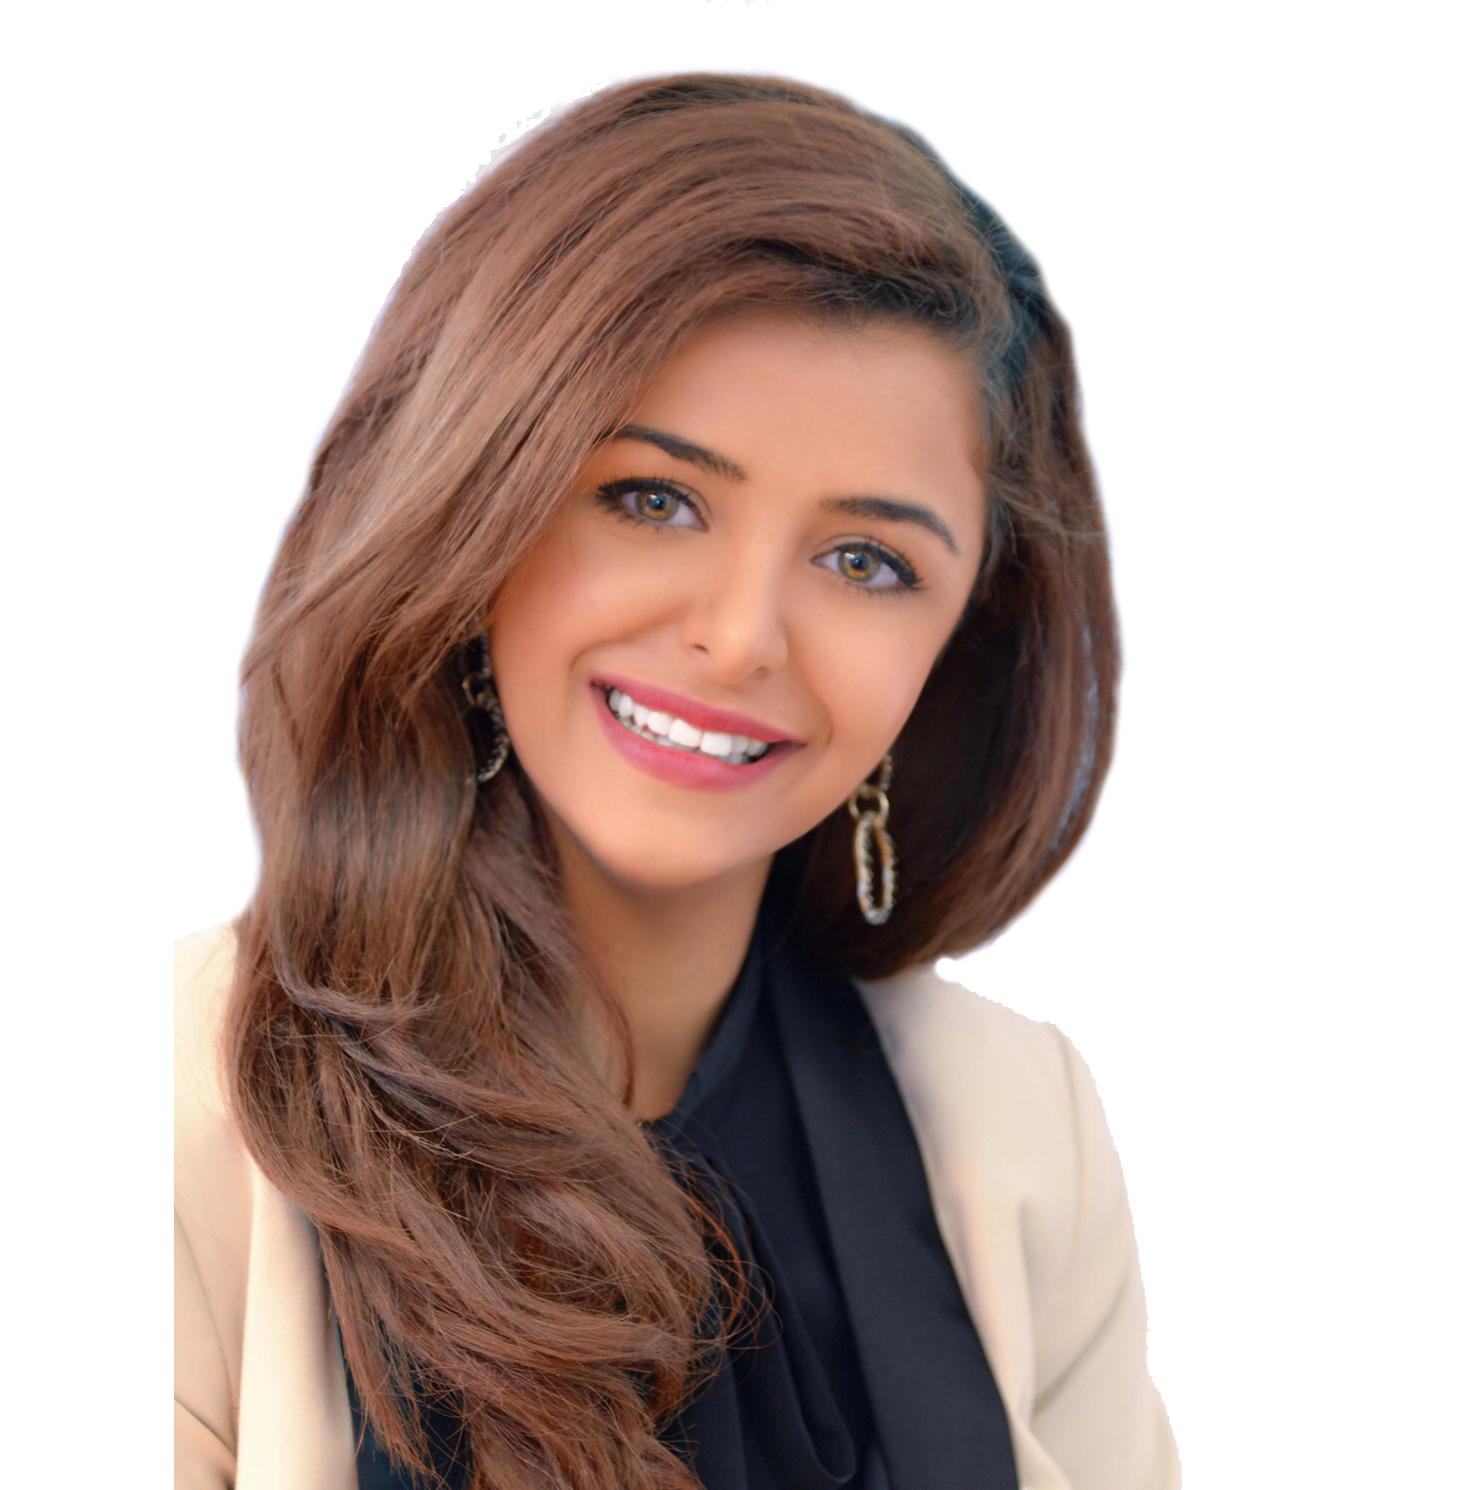 Niusha Bachtiari